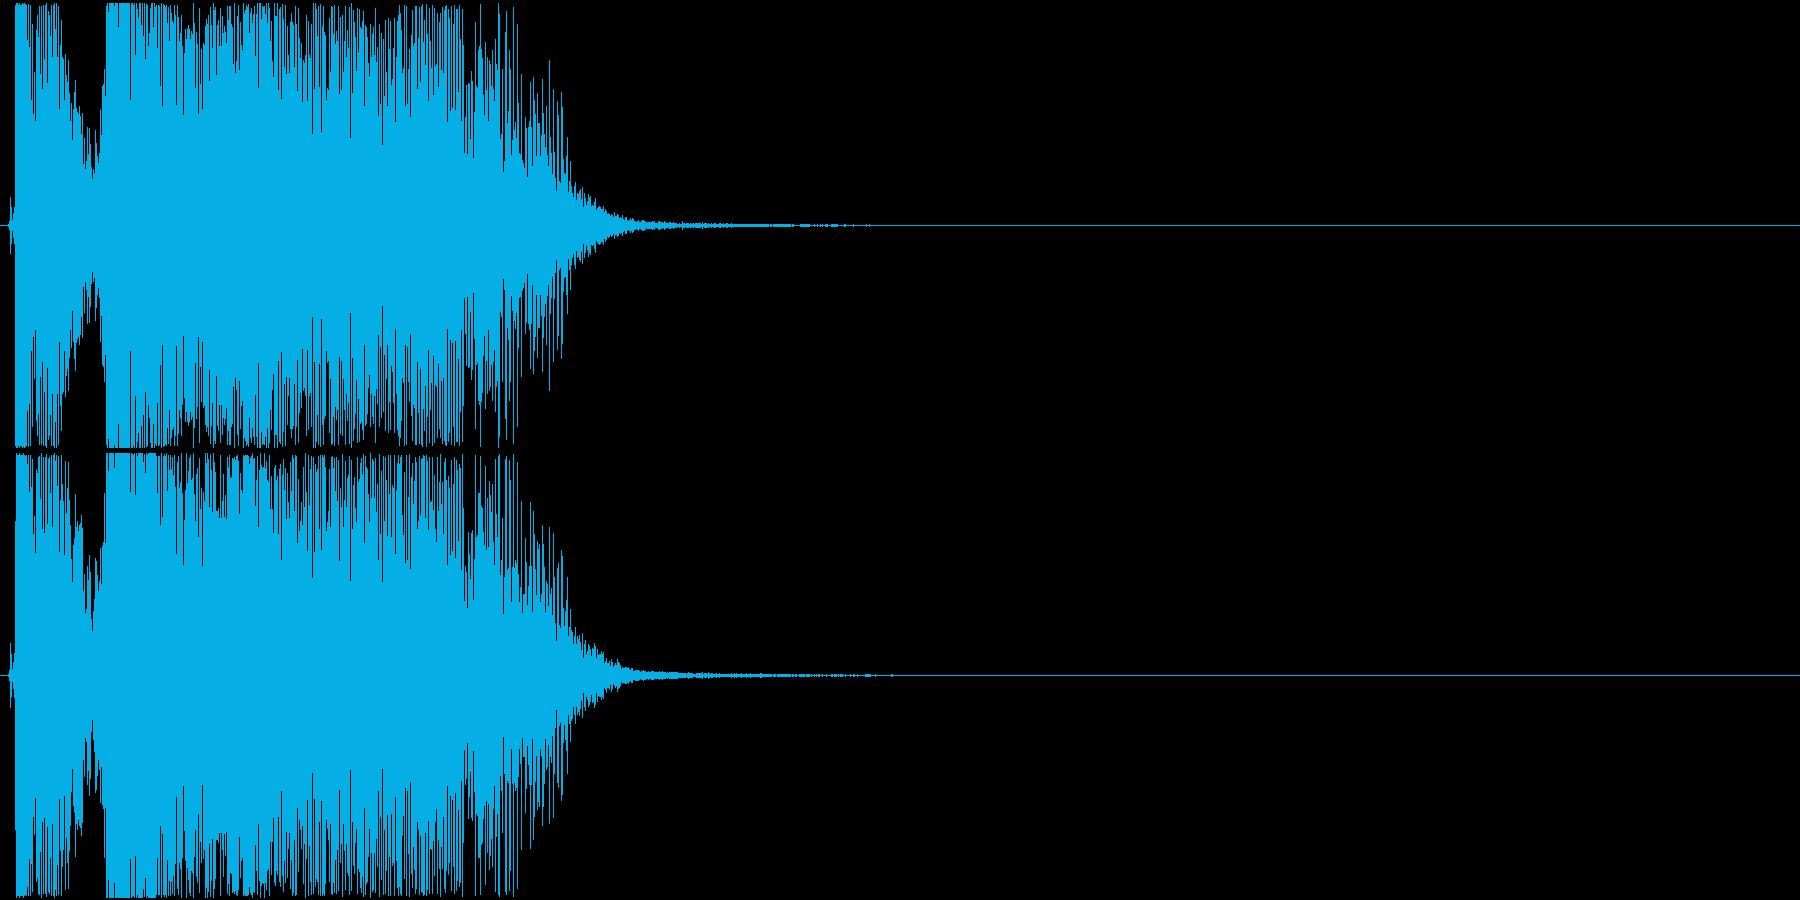 「OK!」アプリ・ゲーム用3の再生済みの波形